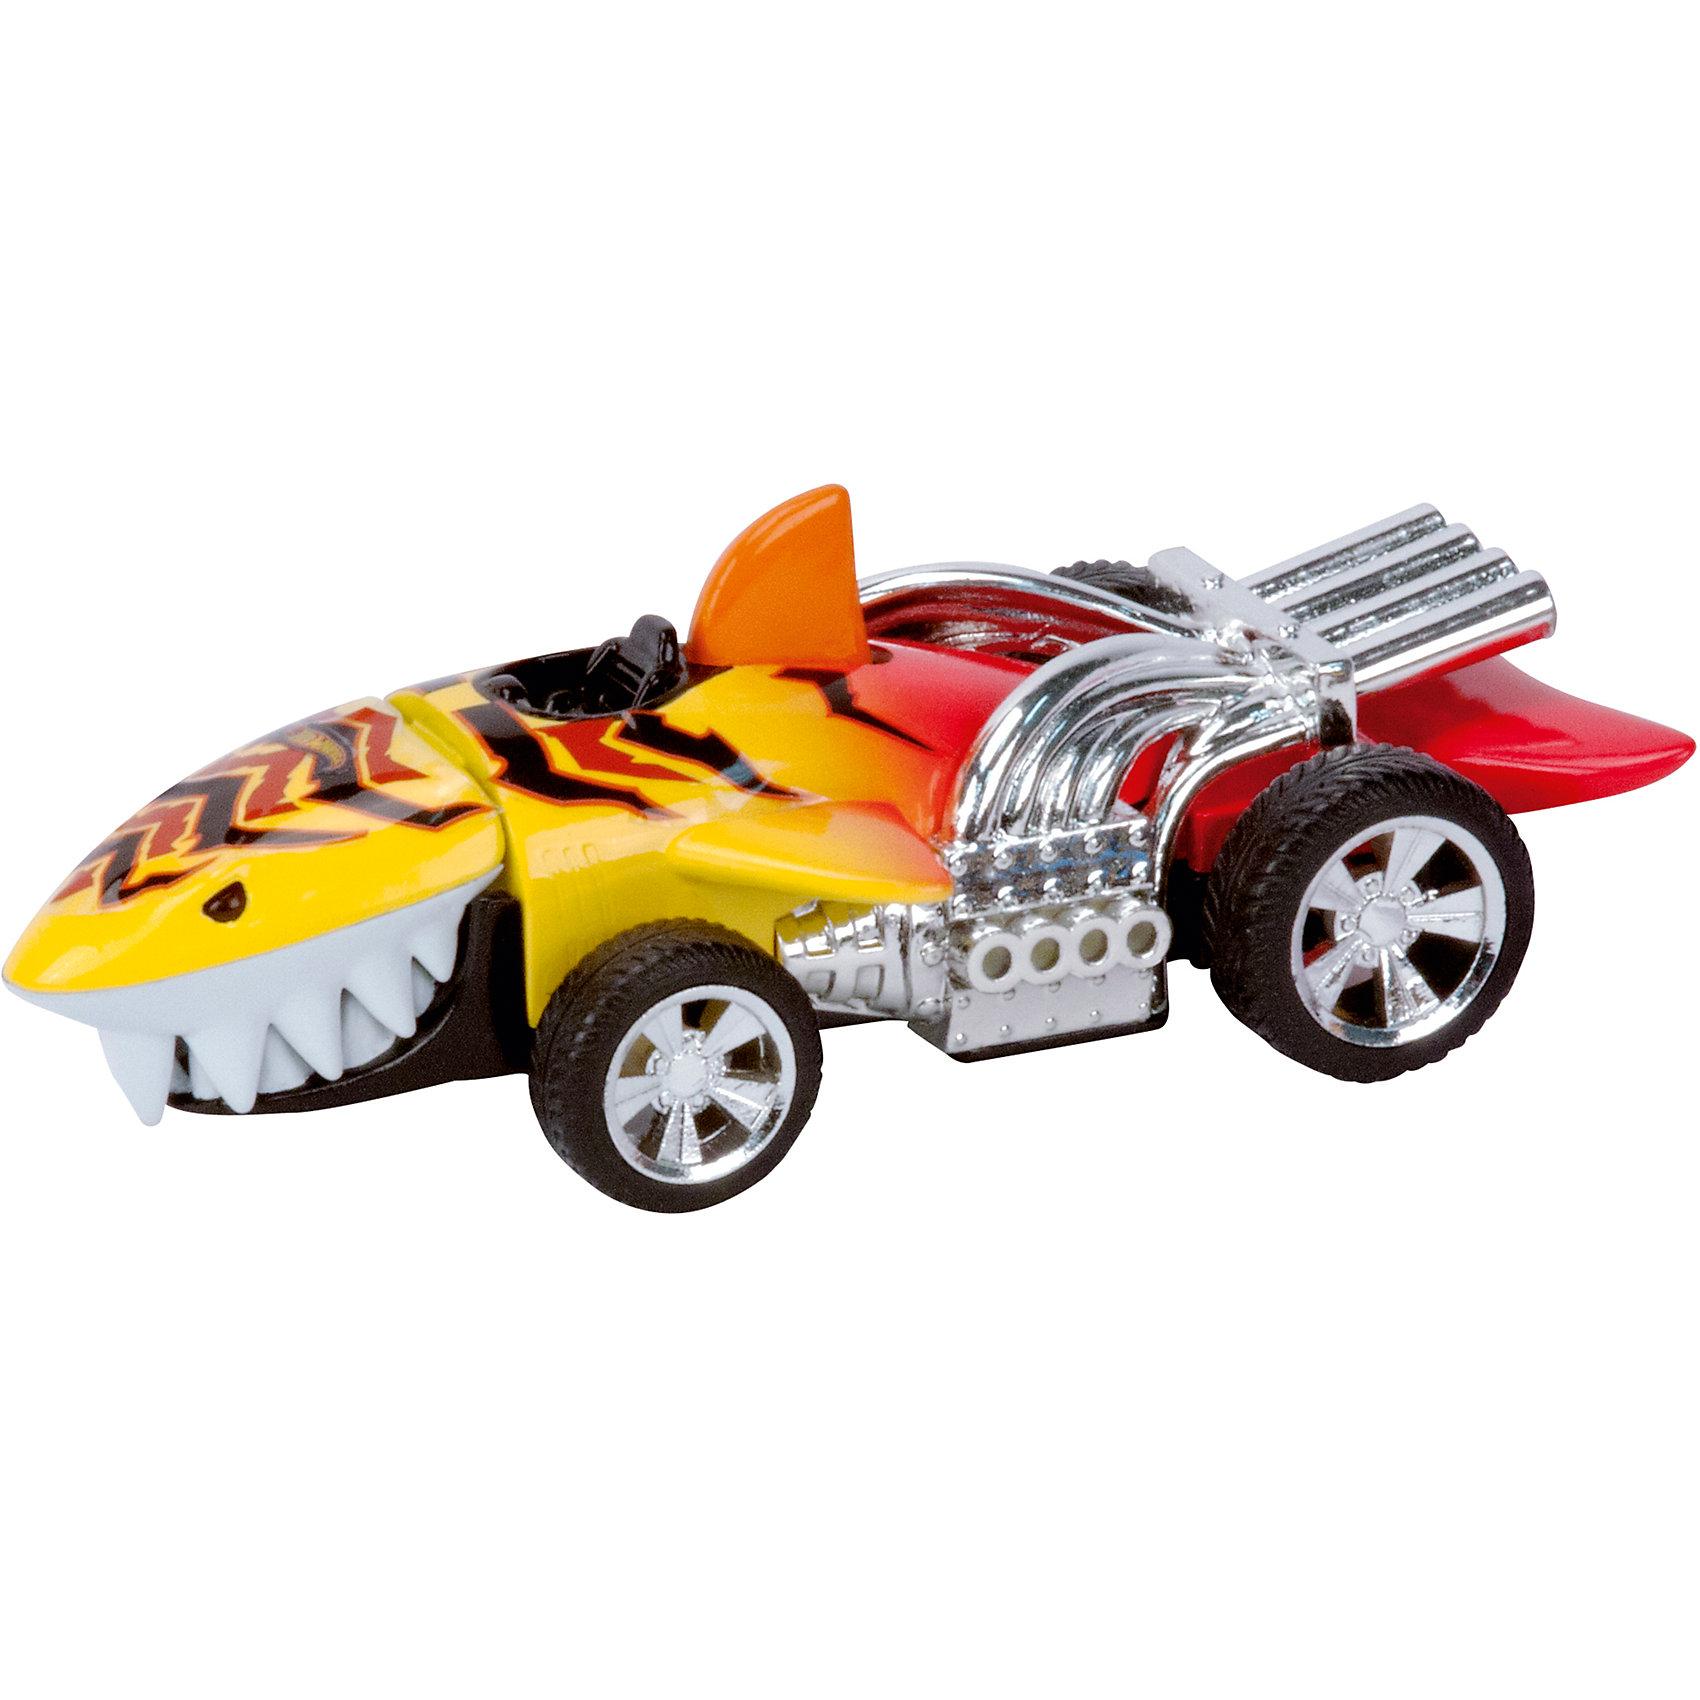 Машинка Жёлтая акула, 13,5 см, Hot WheelsХарактеристики товара:<br><br>- цвет: желтый;<br>- материал: пластик, металл;<br>- особенности: на батарейках, со звуковыми и световыми эффектами;<br>- вес: 160 г;<br>- размер упаковки: 9х13х18;<br>- батарейки: демонстрационные в комплекте;<br>- размер машинки: 13,5 см.<br><br>Какой мальчишка откажется поиграть с коллекционной машинкой Hot Wheels, которая выглядит как настоящая?! Машинка очень эффектно смотрится, она запускается нажатием кнопки. Игрушка отлично детализирована, очень качественно выполнена, поэтому она станет отличным подарком ребенку. Продается в красивой упаковке.<br>Изделия произведены из высококачественного материала, безопасного для детей.<br><br>Машинку Жёлтая акула Hot Wheels можно купить в нашем интернет-магазине.<br><br>Ширина мм: 89<br>Глубина мм: 127<br>Высота мм: 158<br>Вес г: 160<br>Возраст от месяцев: 36<br>Возраст до месяцев: 2147483647<br>Пол: Мужской<br>Возраст: Детский<br>SKU: 5066717